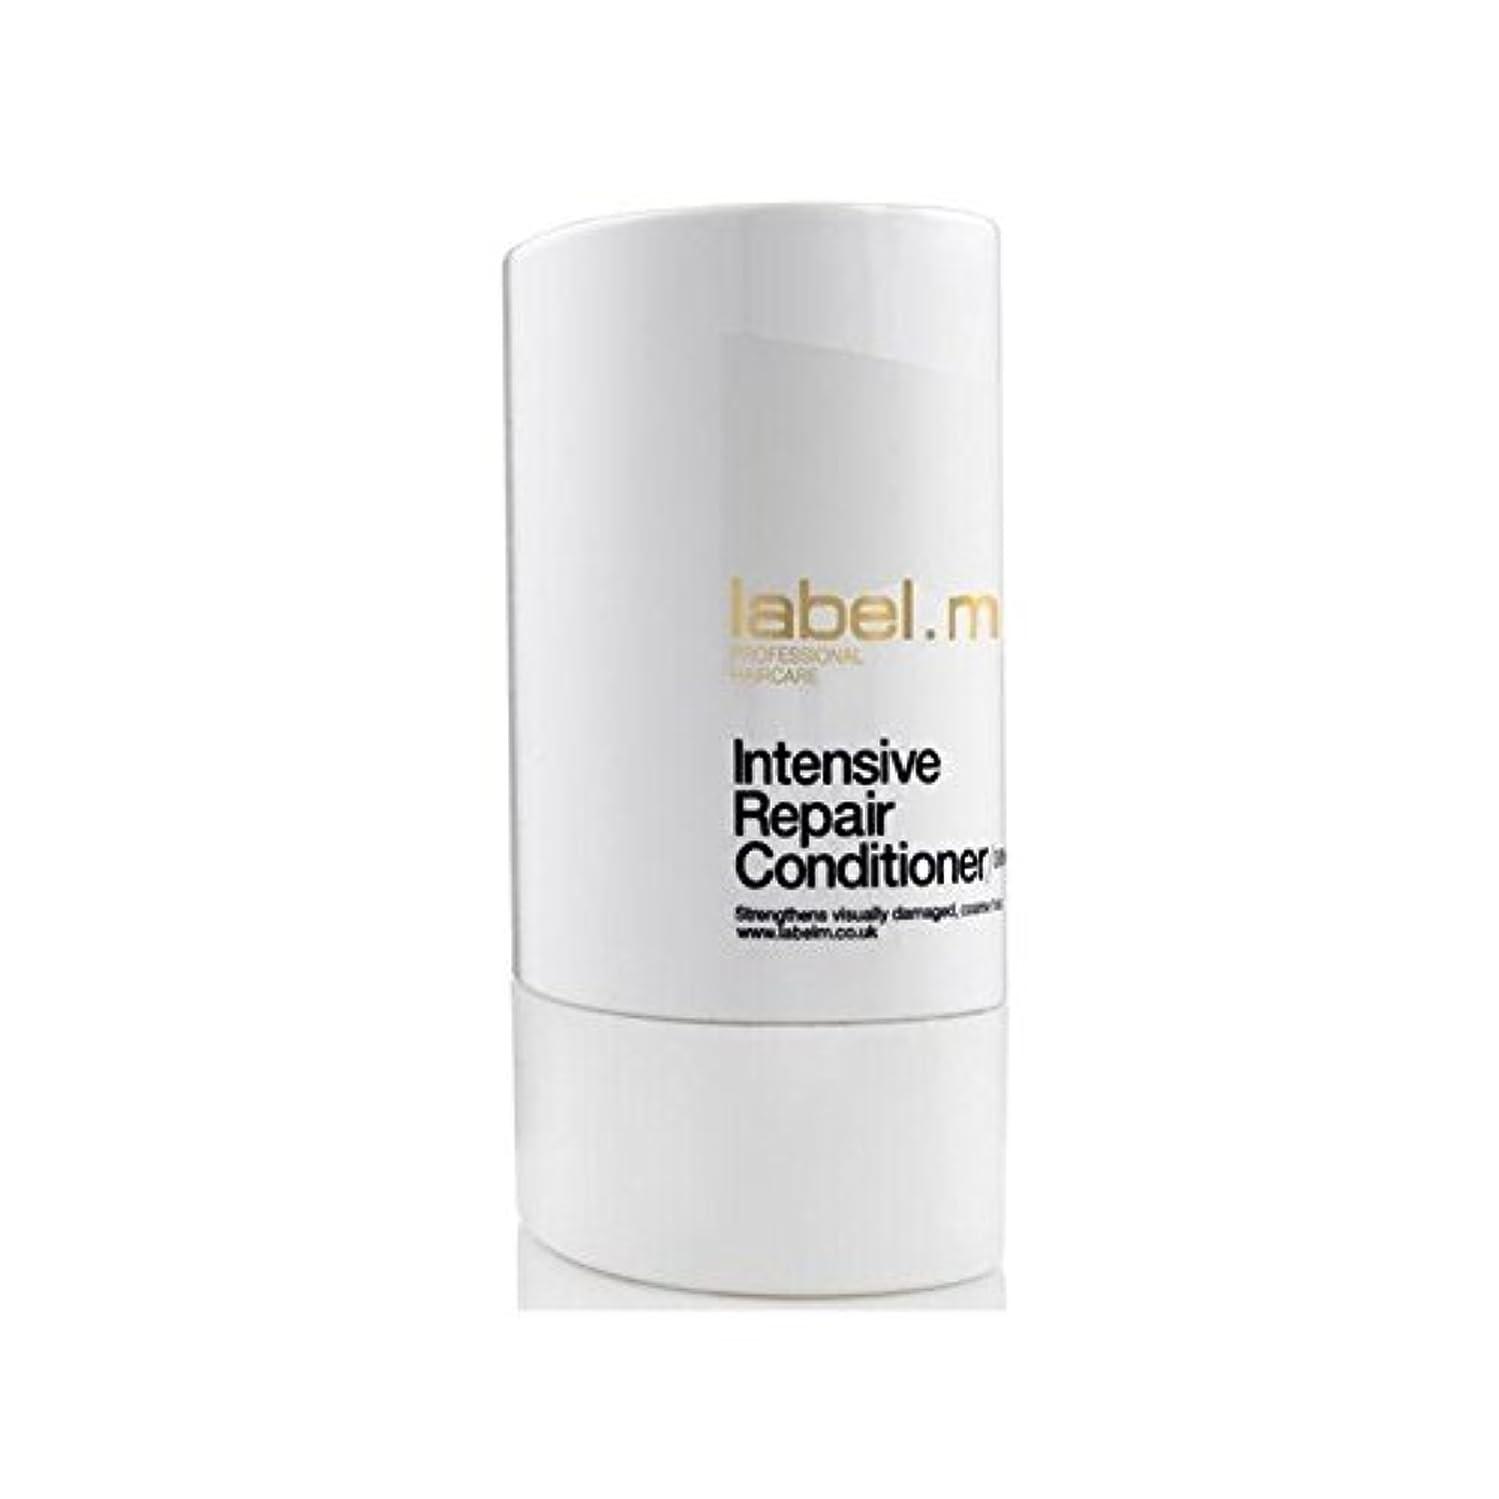 鑑定整然とした薬を飲むLabel.M Intensive Repair Conditioner (300ml) - .の集中リペアコンディショナー(300ミリリットル) [並行輸入品]